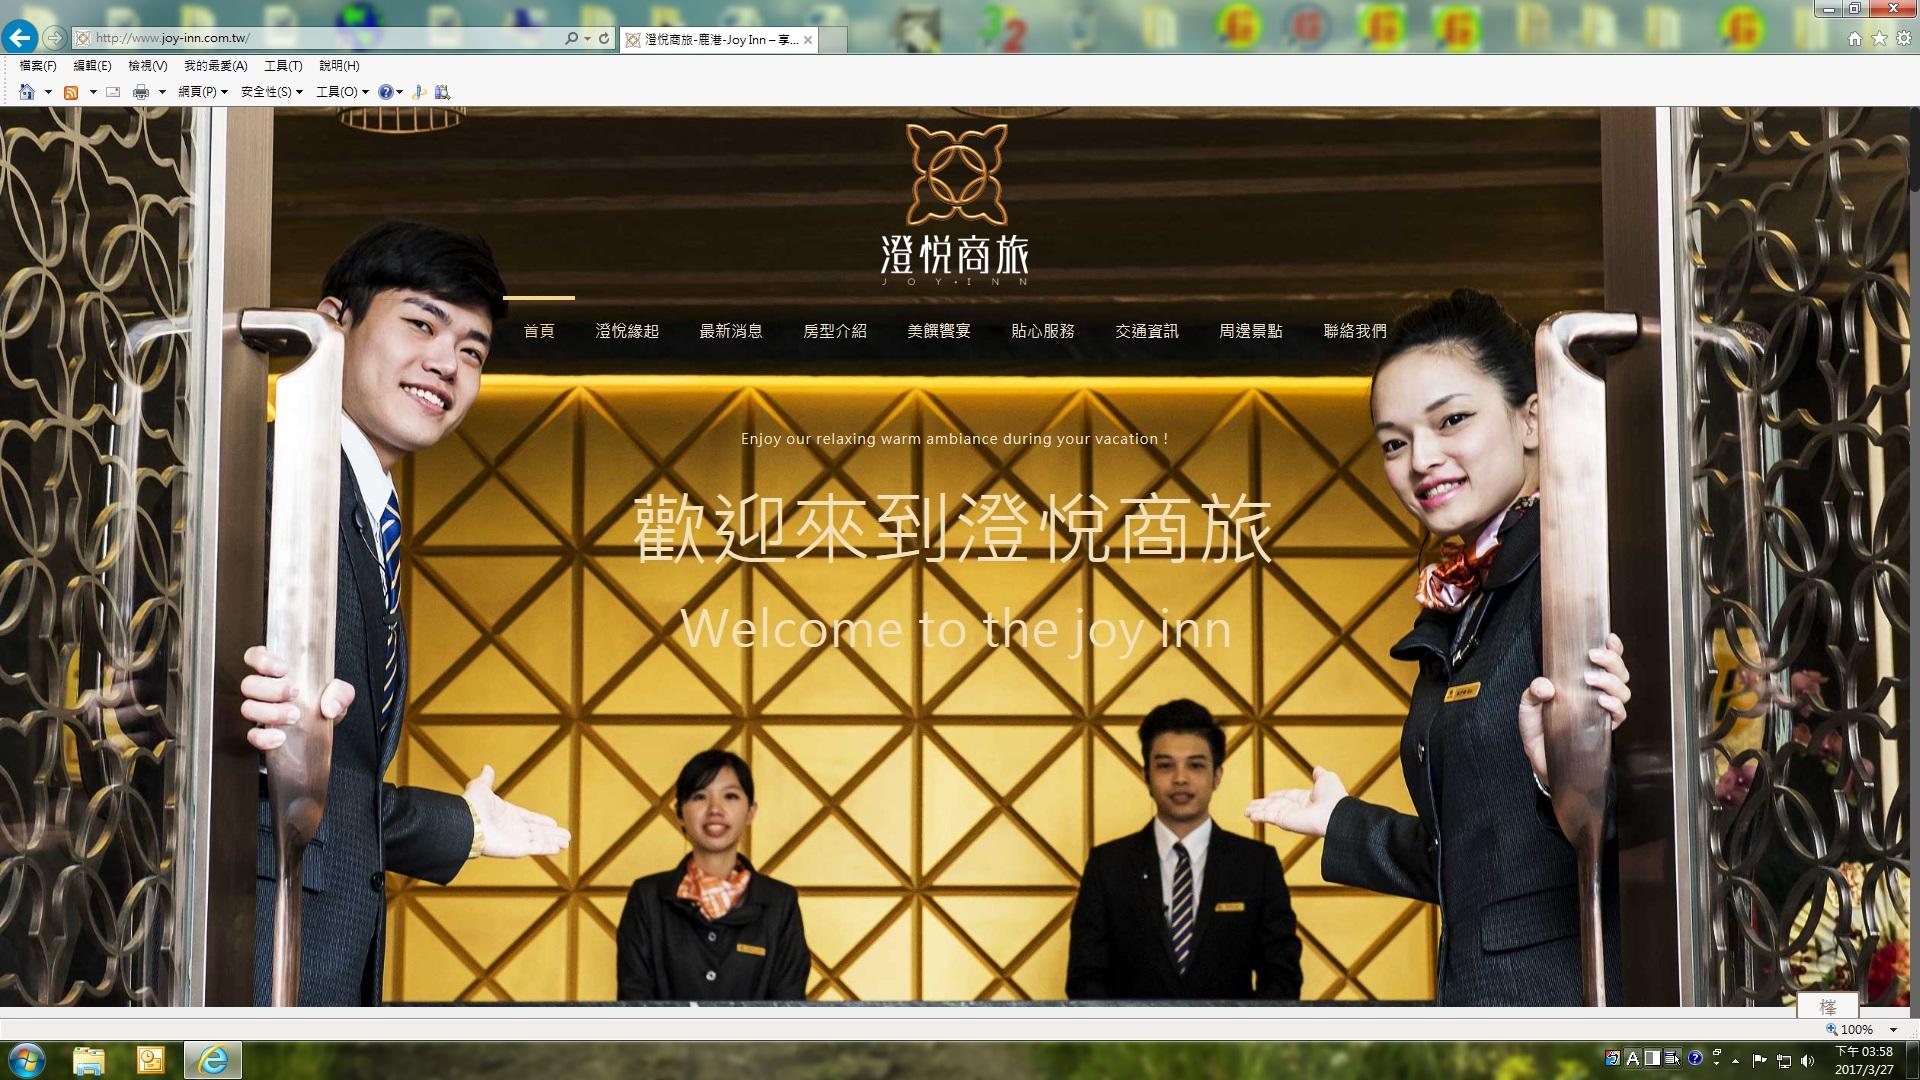 澄悅商旅首頁